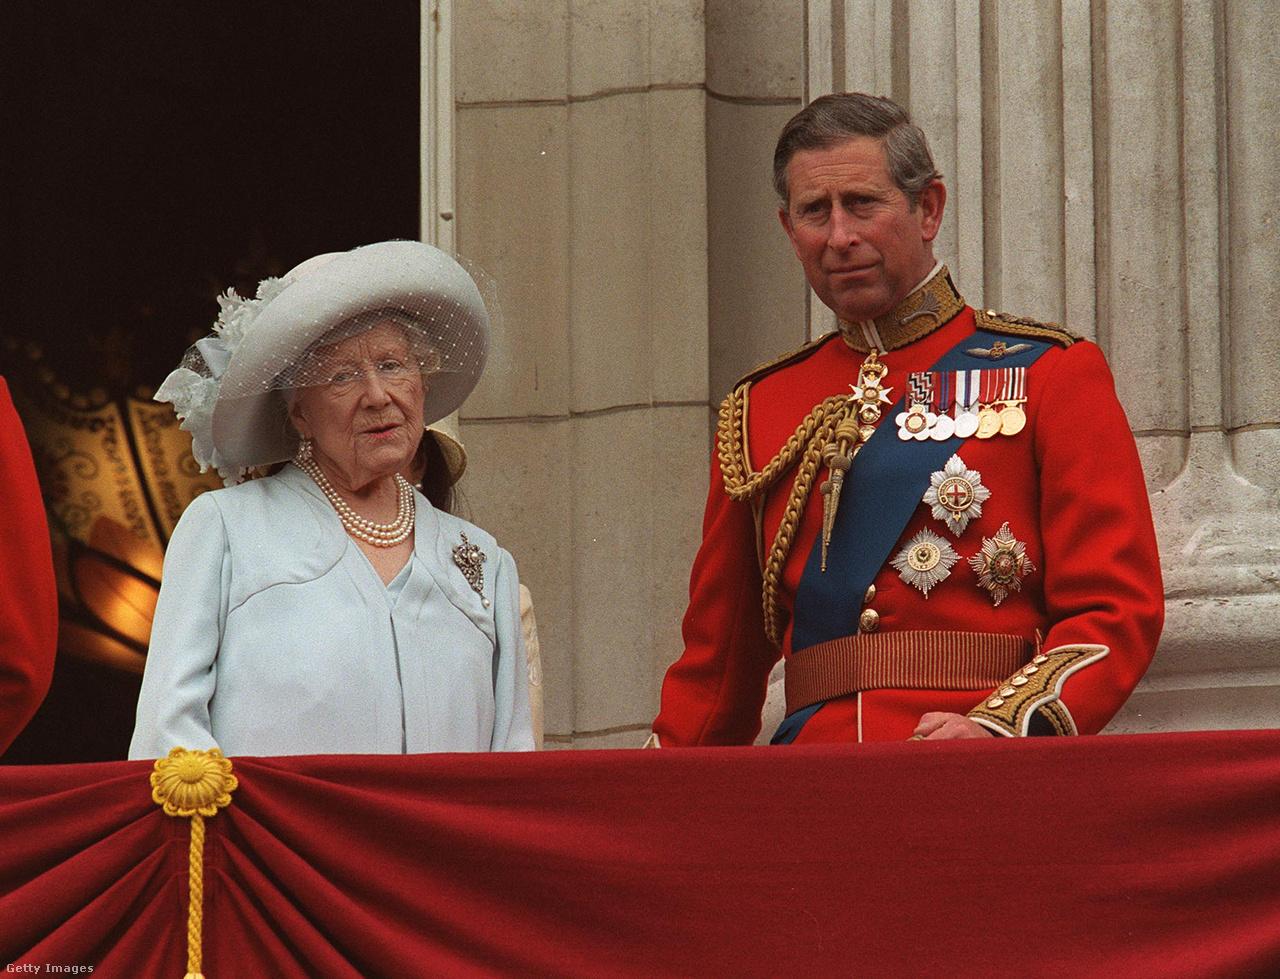 """Károly walesi herceggel az 1999-es Trooping the Colour ceremónián. A trónörökös számára nagyanyja jelentette az igazi anyafigurát, mivel II. Erzsébet idősebb gyerekeivel meglehetősen hűvös és távoli kapcsolatban volt. Egy 2017-es dokumentumfilmben Károly úgy fogalmazott, hogy """"mindent ő jelentett számomra"""", és """"egészen egyszerűen ő volt a legcsodálatosabb nagymama, akit csak el lehet képzelni"""". Intellektuális kapcsolatuk is erős volt, Károly például nagyanyjának köszönhette érdeklődését a tibeti buddhizmus iránt. A walesi herceg komoly természetét ellenpontozta az anyakirályné híres életvidámsága. """"Mindig meglátta az élet vicces oldalát, sokszor olyan nagyokat nevettünk, hogy a könnyeink potyogtak. Nagyon hiányoznak ezek a közös nevetések"""" - mondta Károly nagyanyja halála után. A herceg később azt mondta, nem tudta elképzelni, hogy nagyanyja meghaljon, mert egész életében """"lenyűgözően megállíthatatlannak tűnt."""" A skóciai Mey kastélyt és az anyakirálynő londoni otthonát, a Clarence House-t Károly örökölte, aki 2003-ban át is költözött ebbe a rezidenciába."""